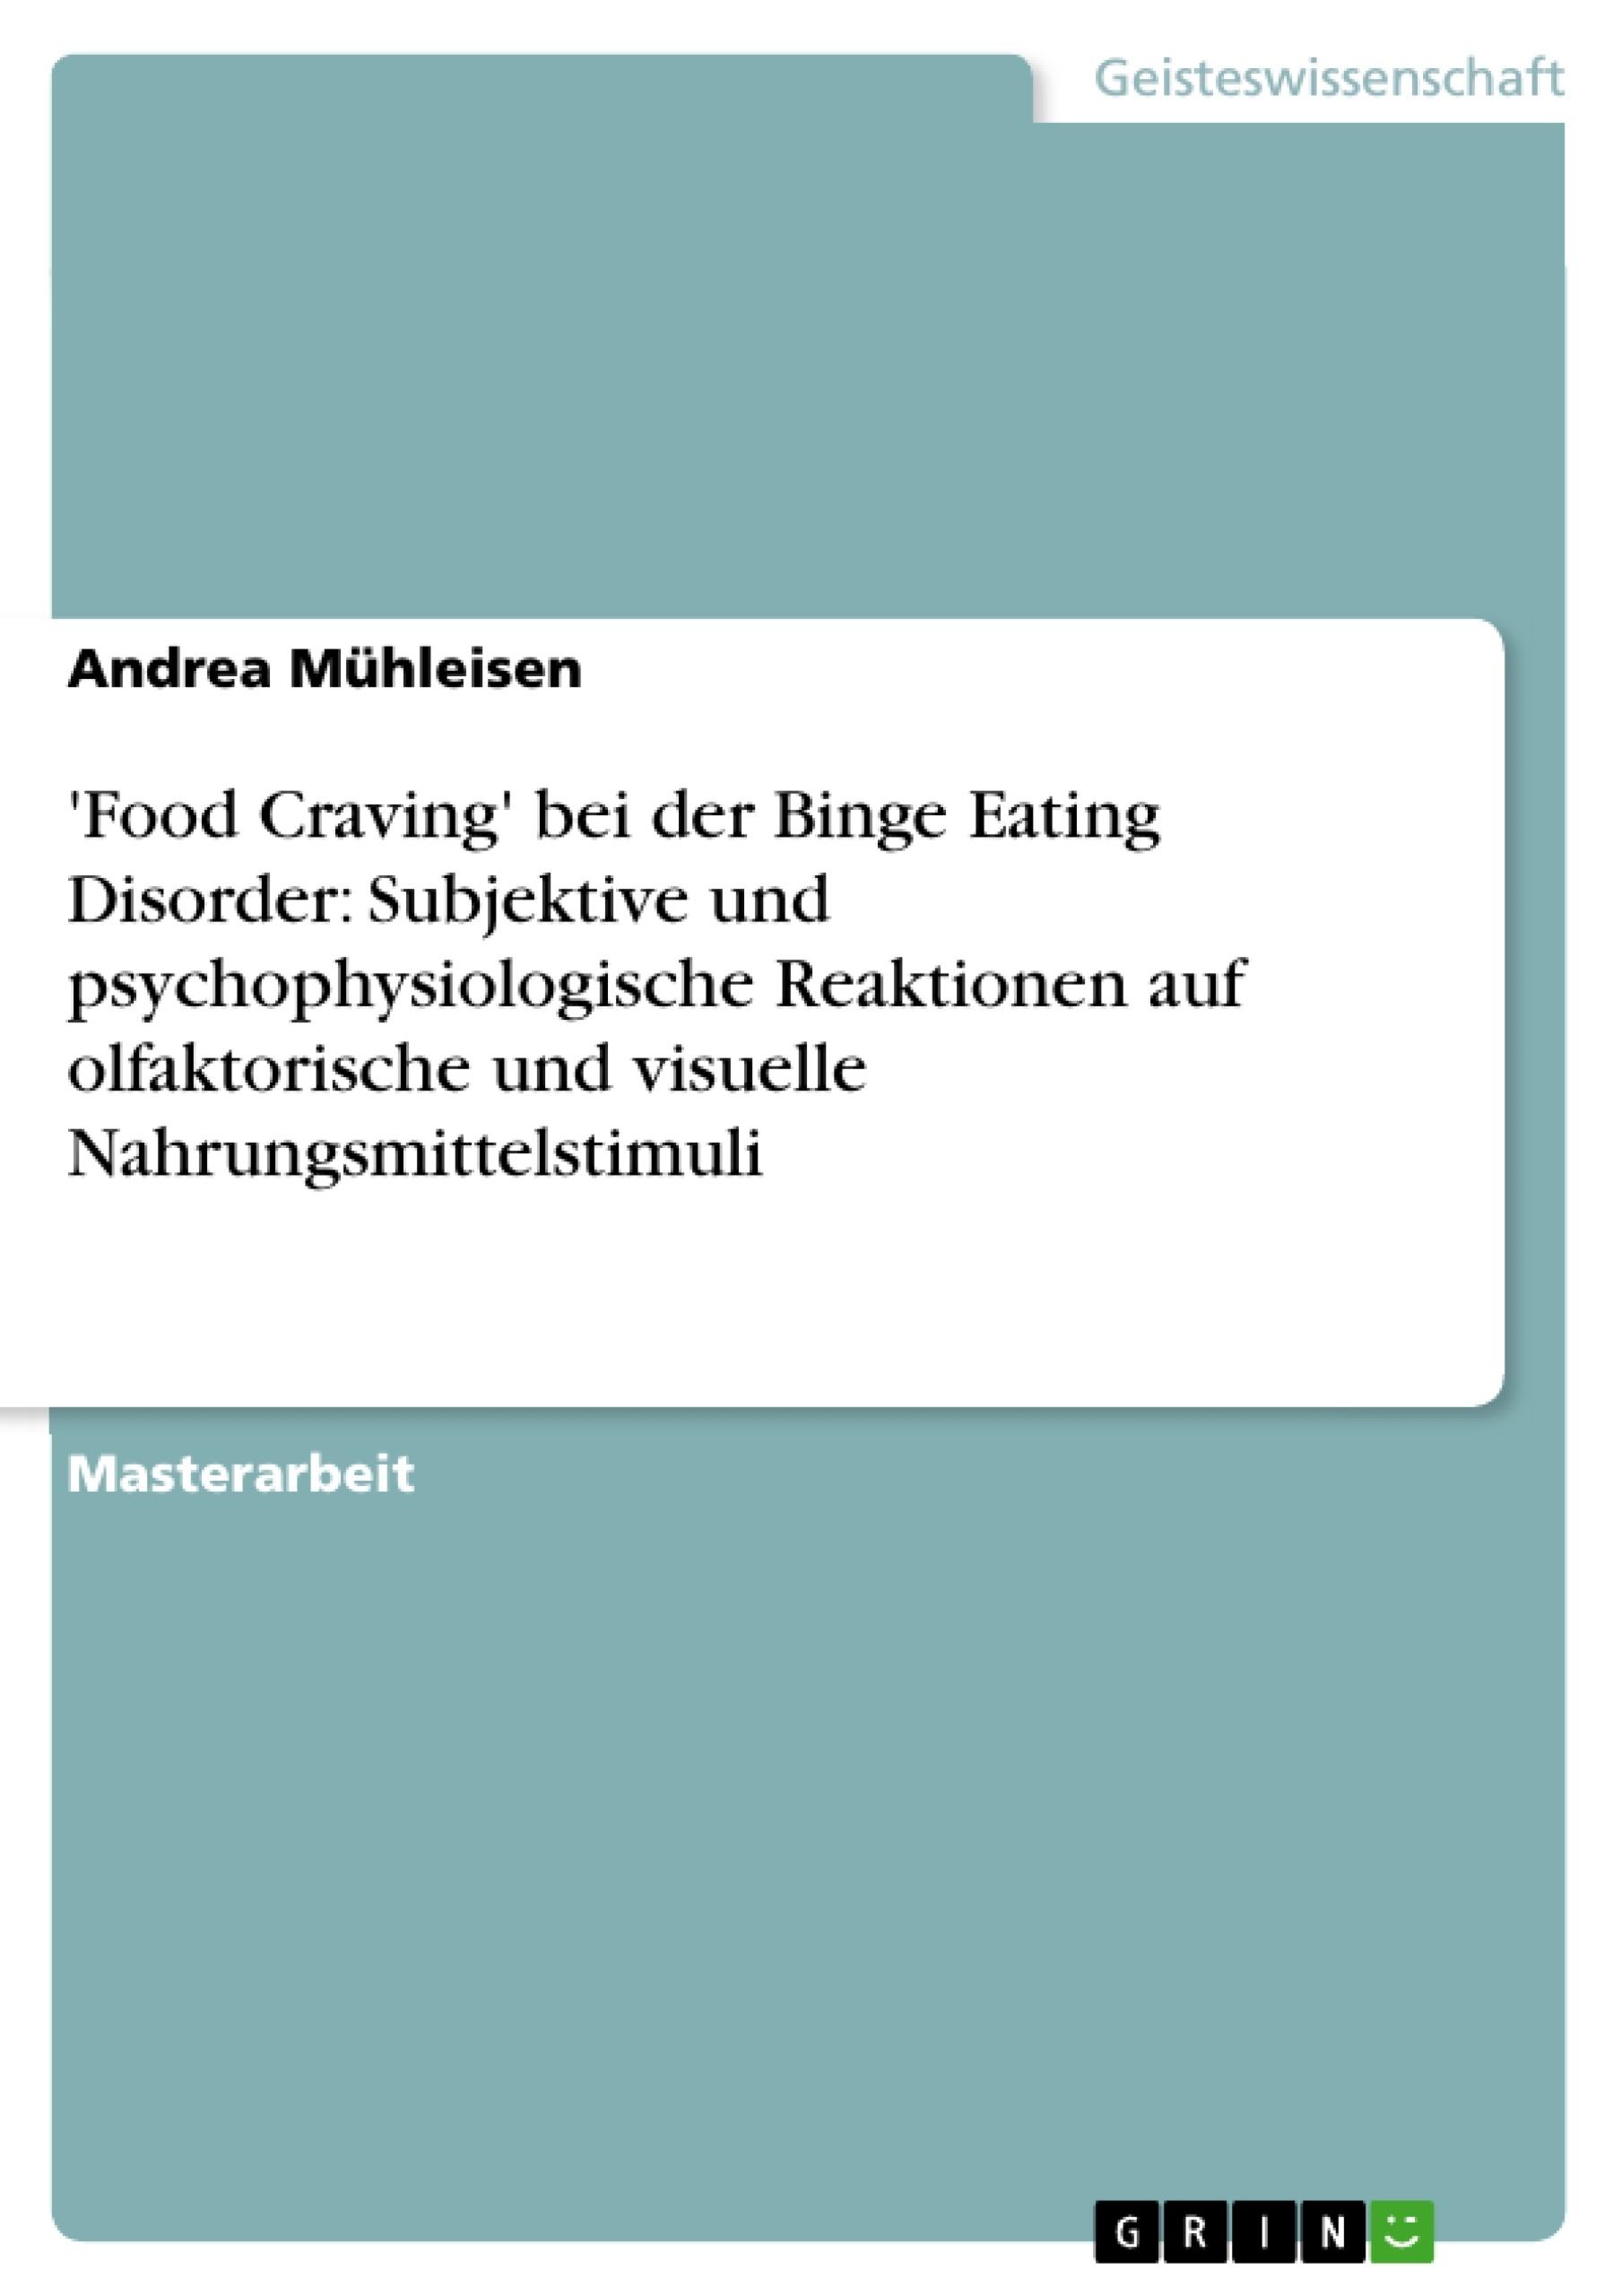 Titel: 'Food Craving' bei der Binge Eating Disorder: Subjektive und psychophysiologische Reaktionen auf olfaktorische und visuelle Nahrungsmittelstimuli